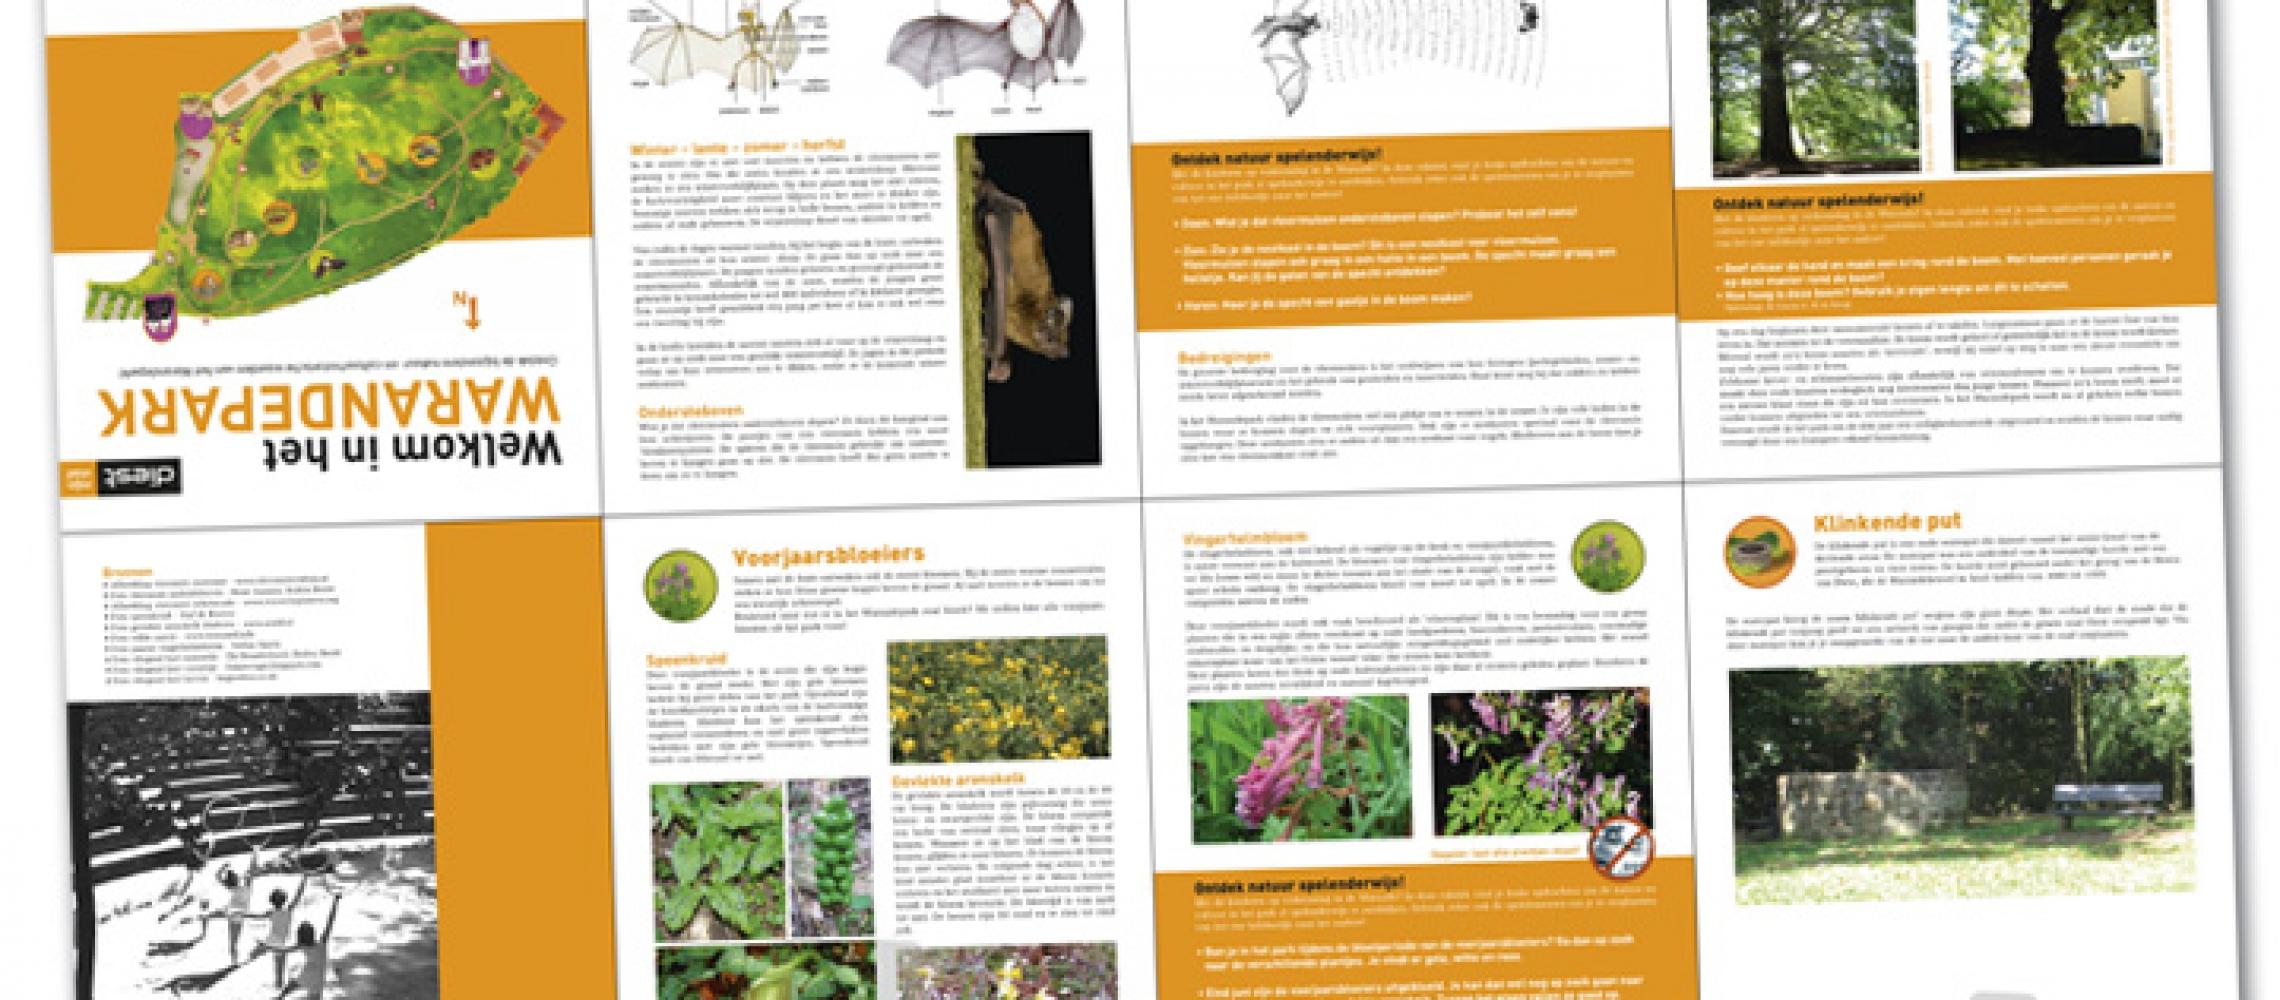 Stad Diest Informatieve brochure kruisvouw (dicht A5 formaat) over Warandepark